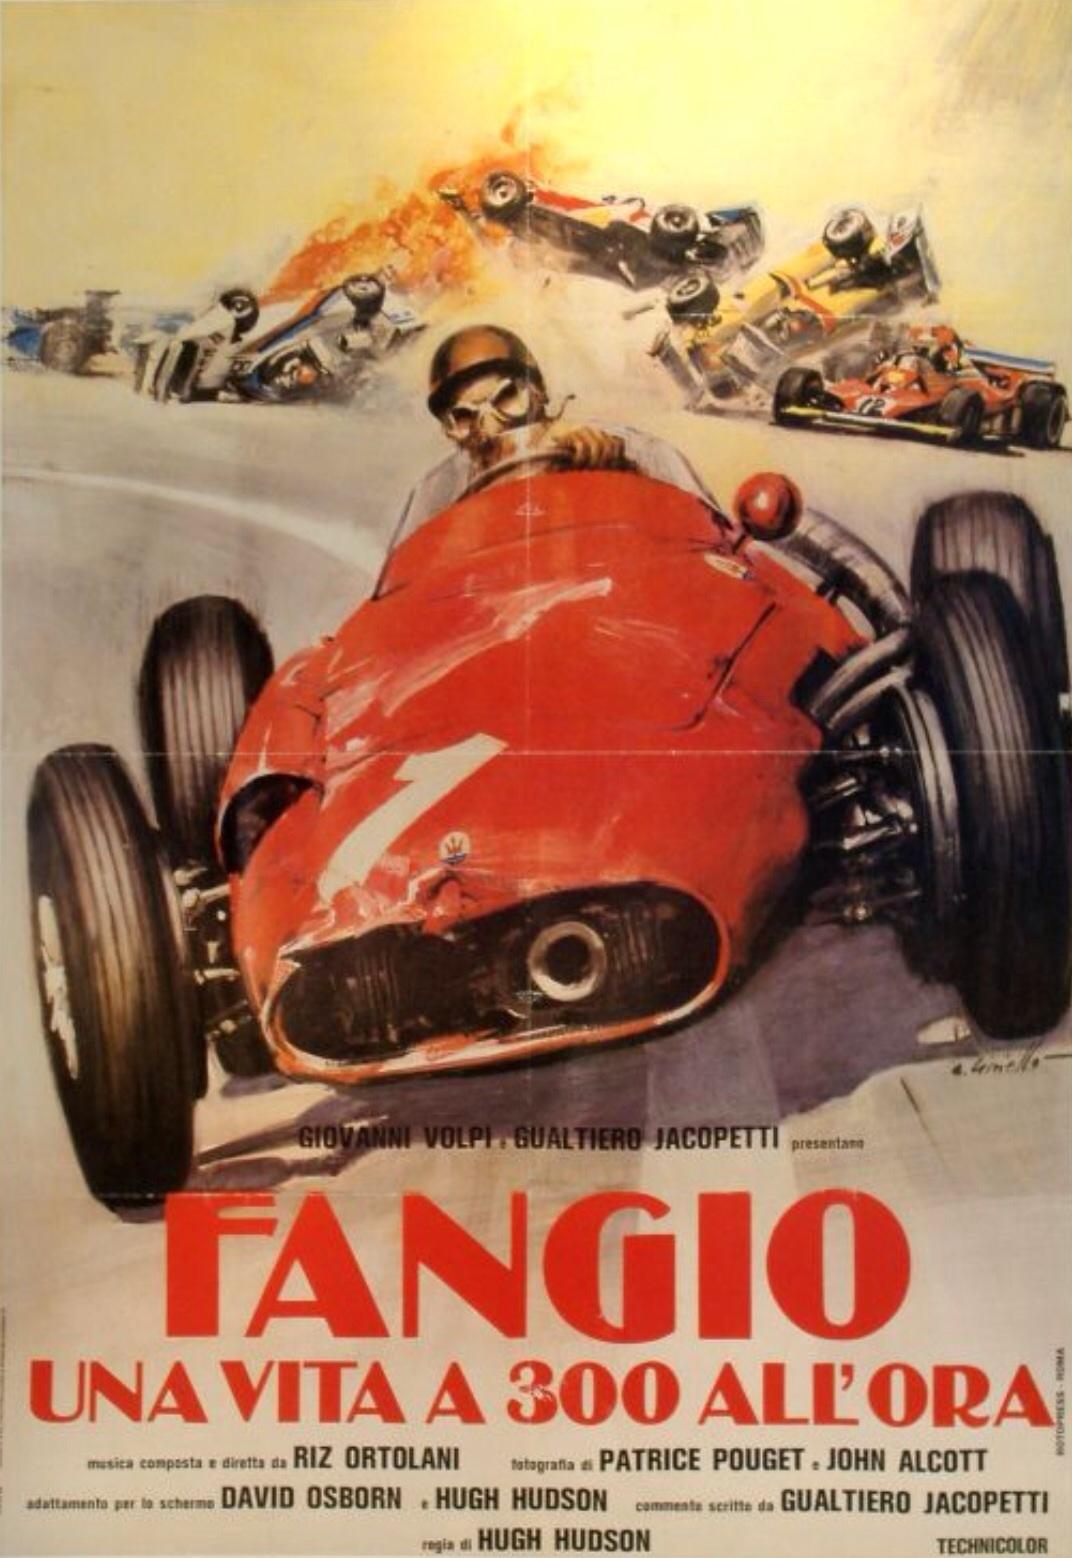 Et liv i 300 km/t. Det var livet til Juan Manuel Fangio.